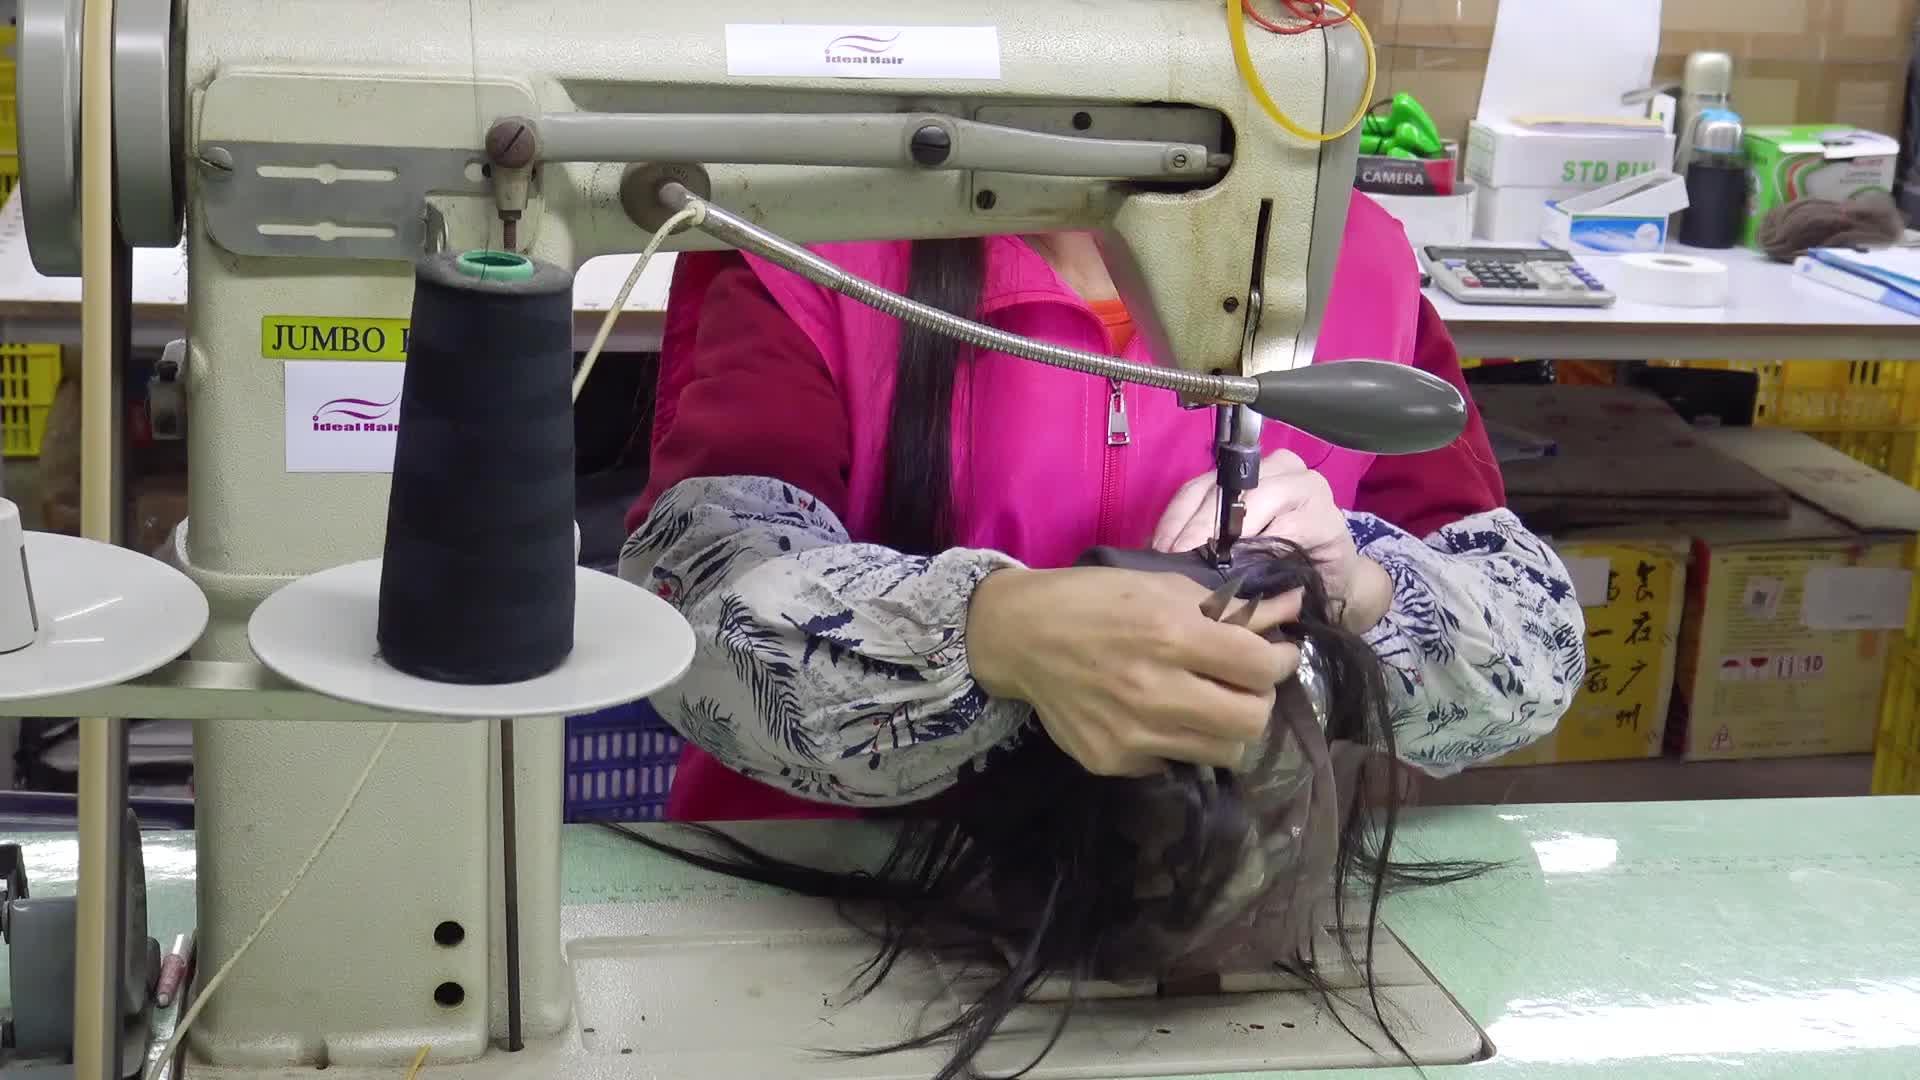 Natur besten preis heißer verkauf remy brasilianische reines lacefront perücke menschliches haar, design pixie cut perücke, pixie cut kurze haare perücke